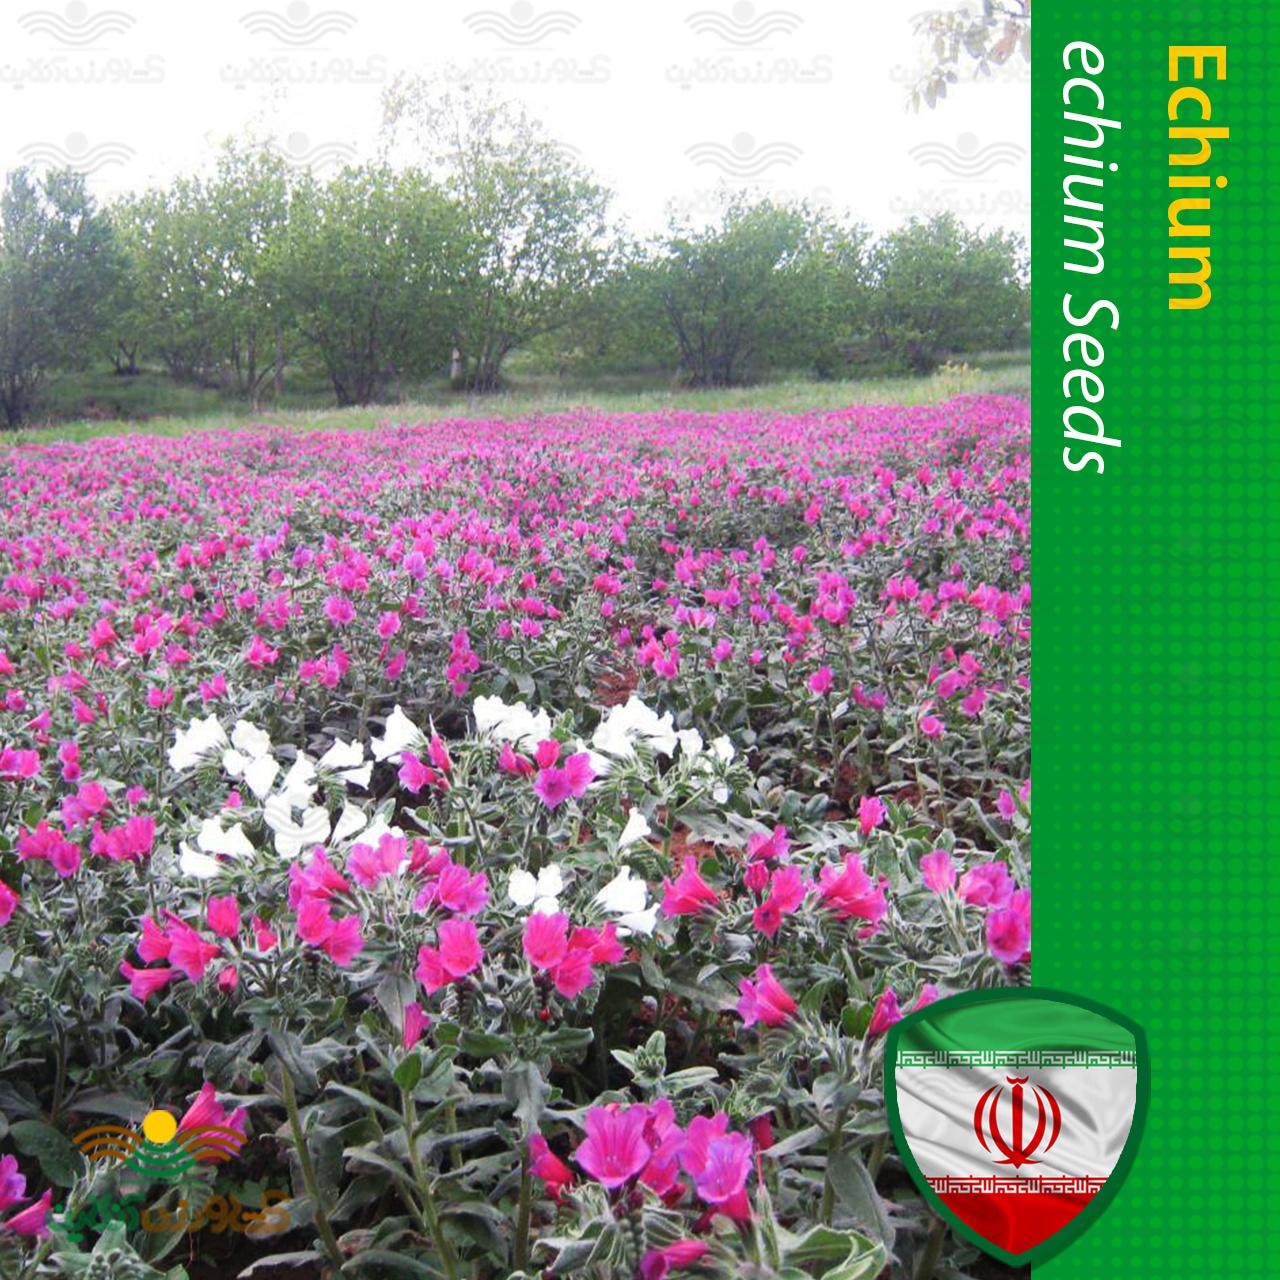 بذر گل گاو زبان ایرانی با کیفیت